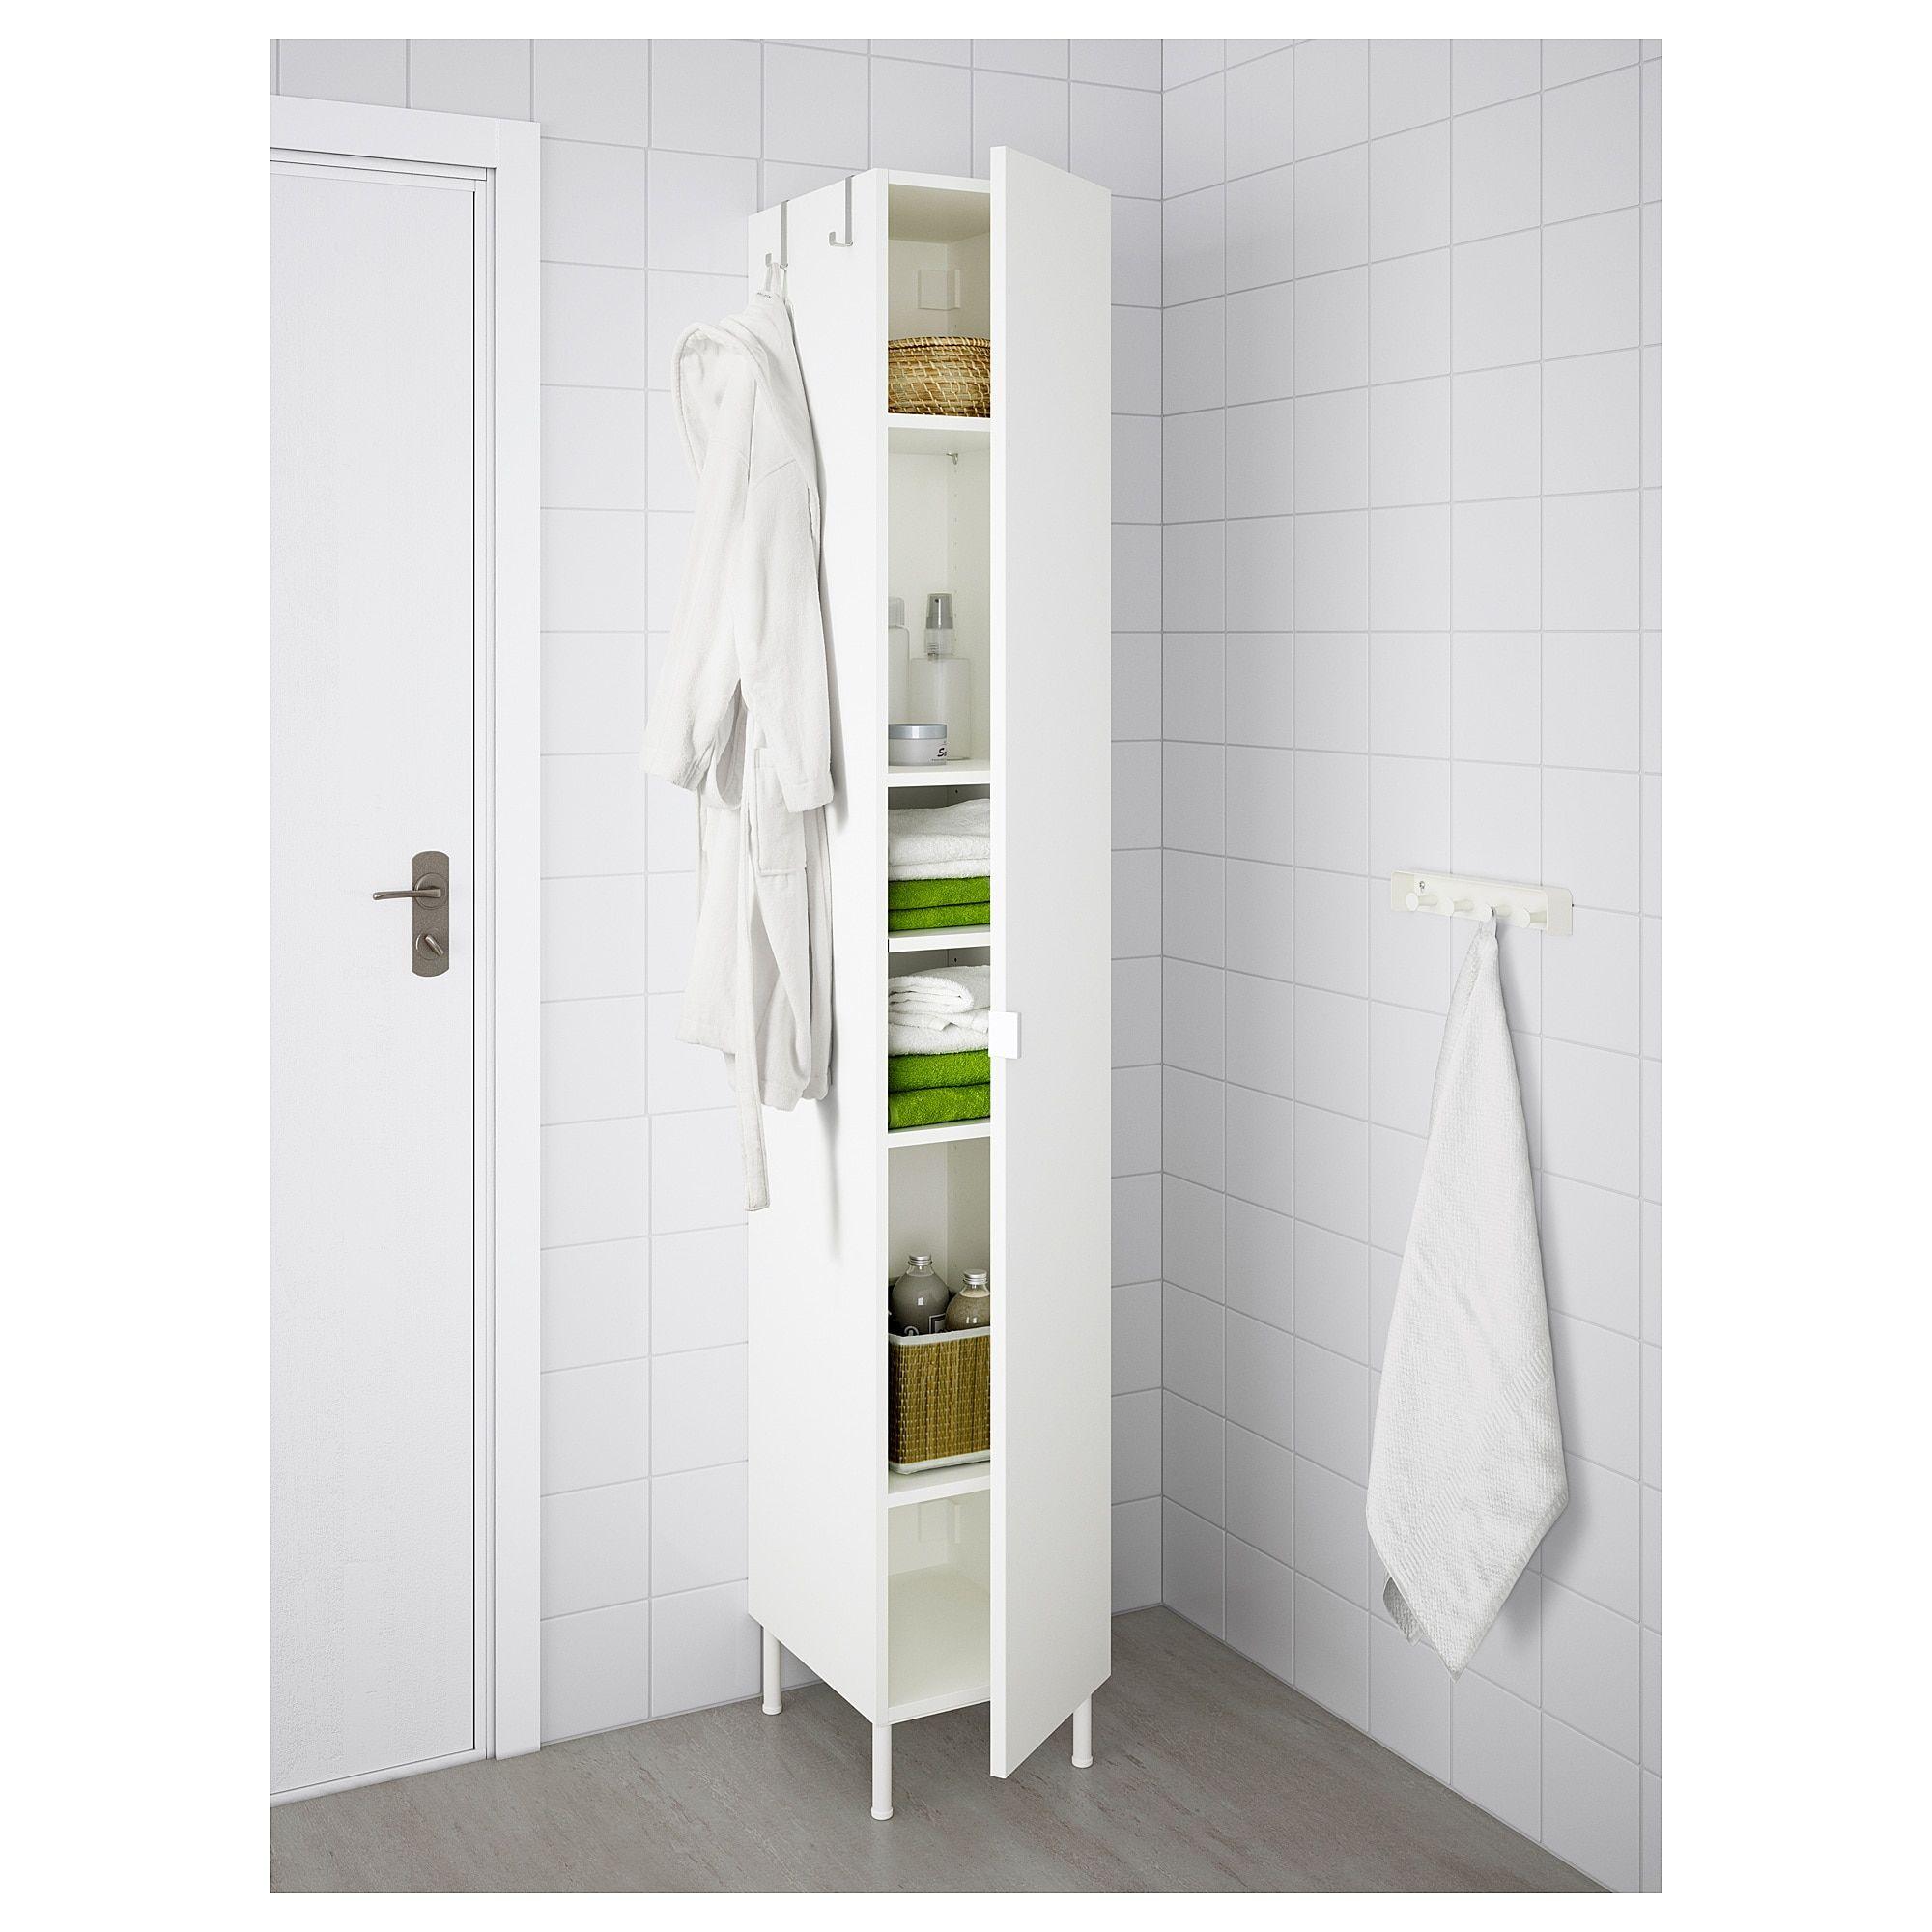 Lillangen High Cabinet 1 Door White 11 3 4x15x74 3 8 Ikea In 2021 Tall Bathroom Storage Tall Bathroom Storage Cabinet Tall Cabinet Storage [ 2000 x 2000 Pixel ]